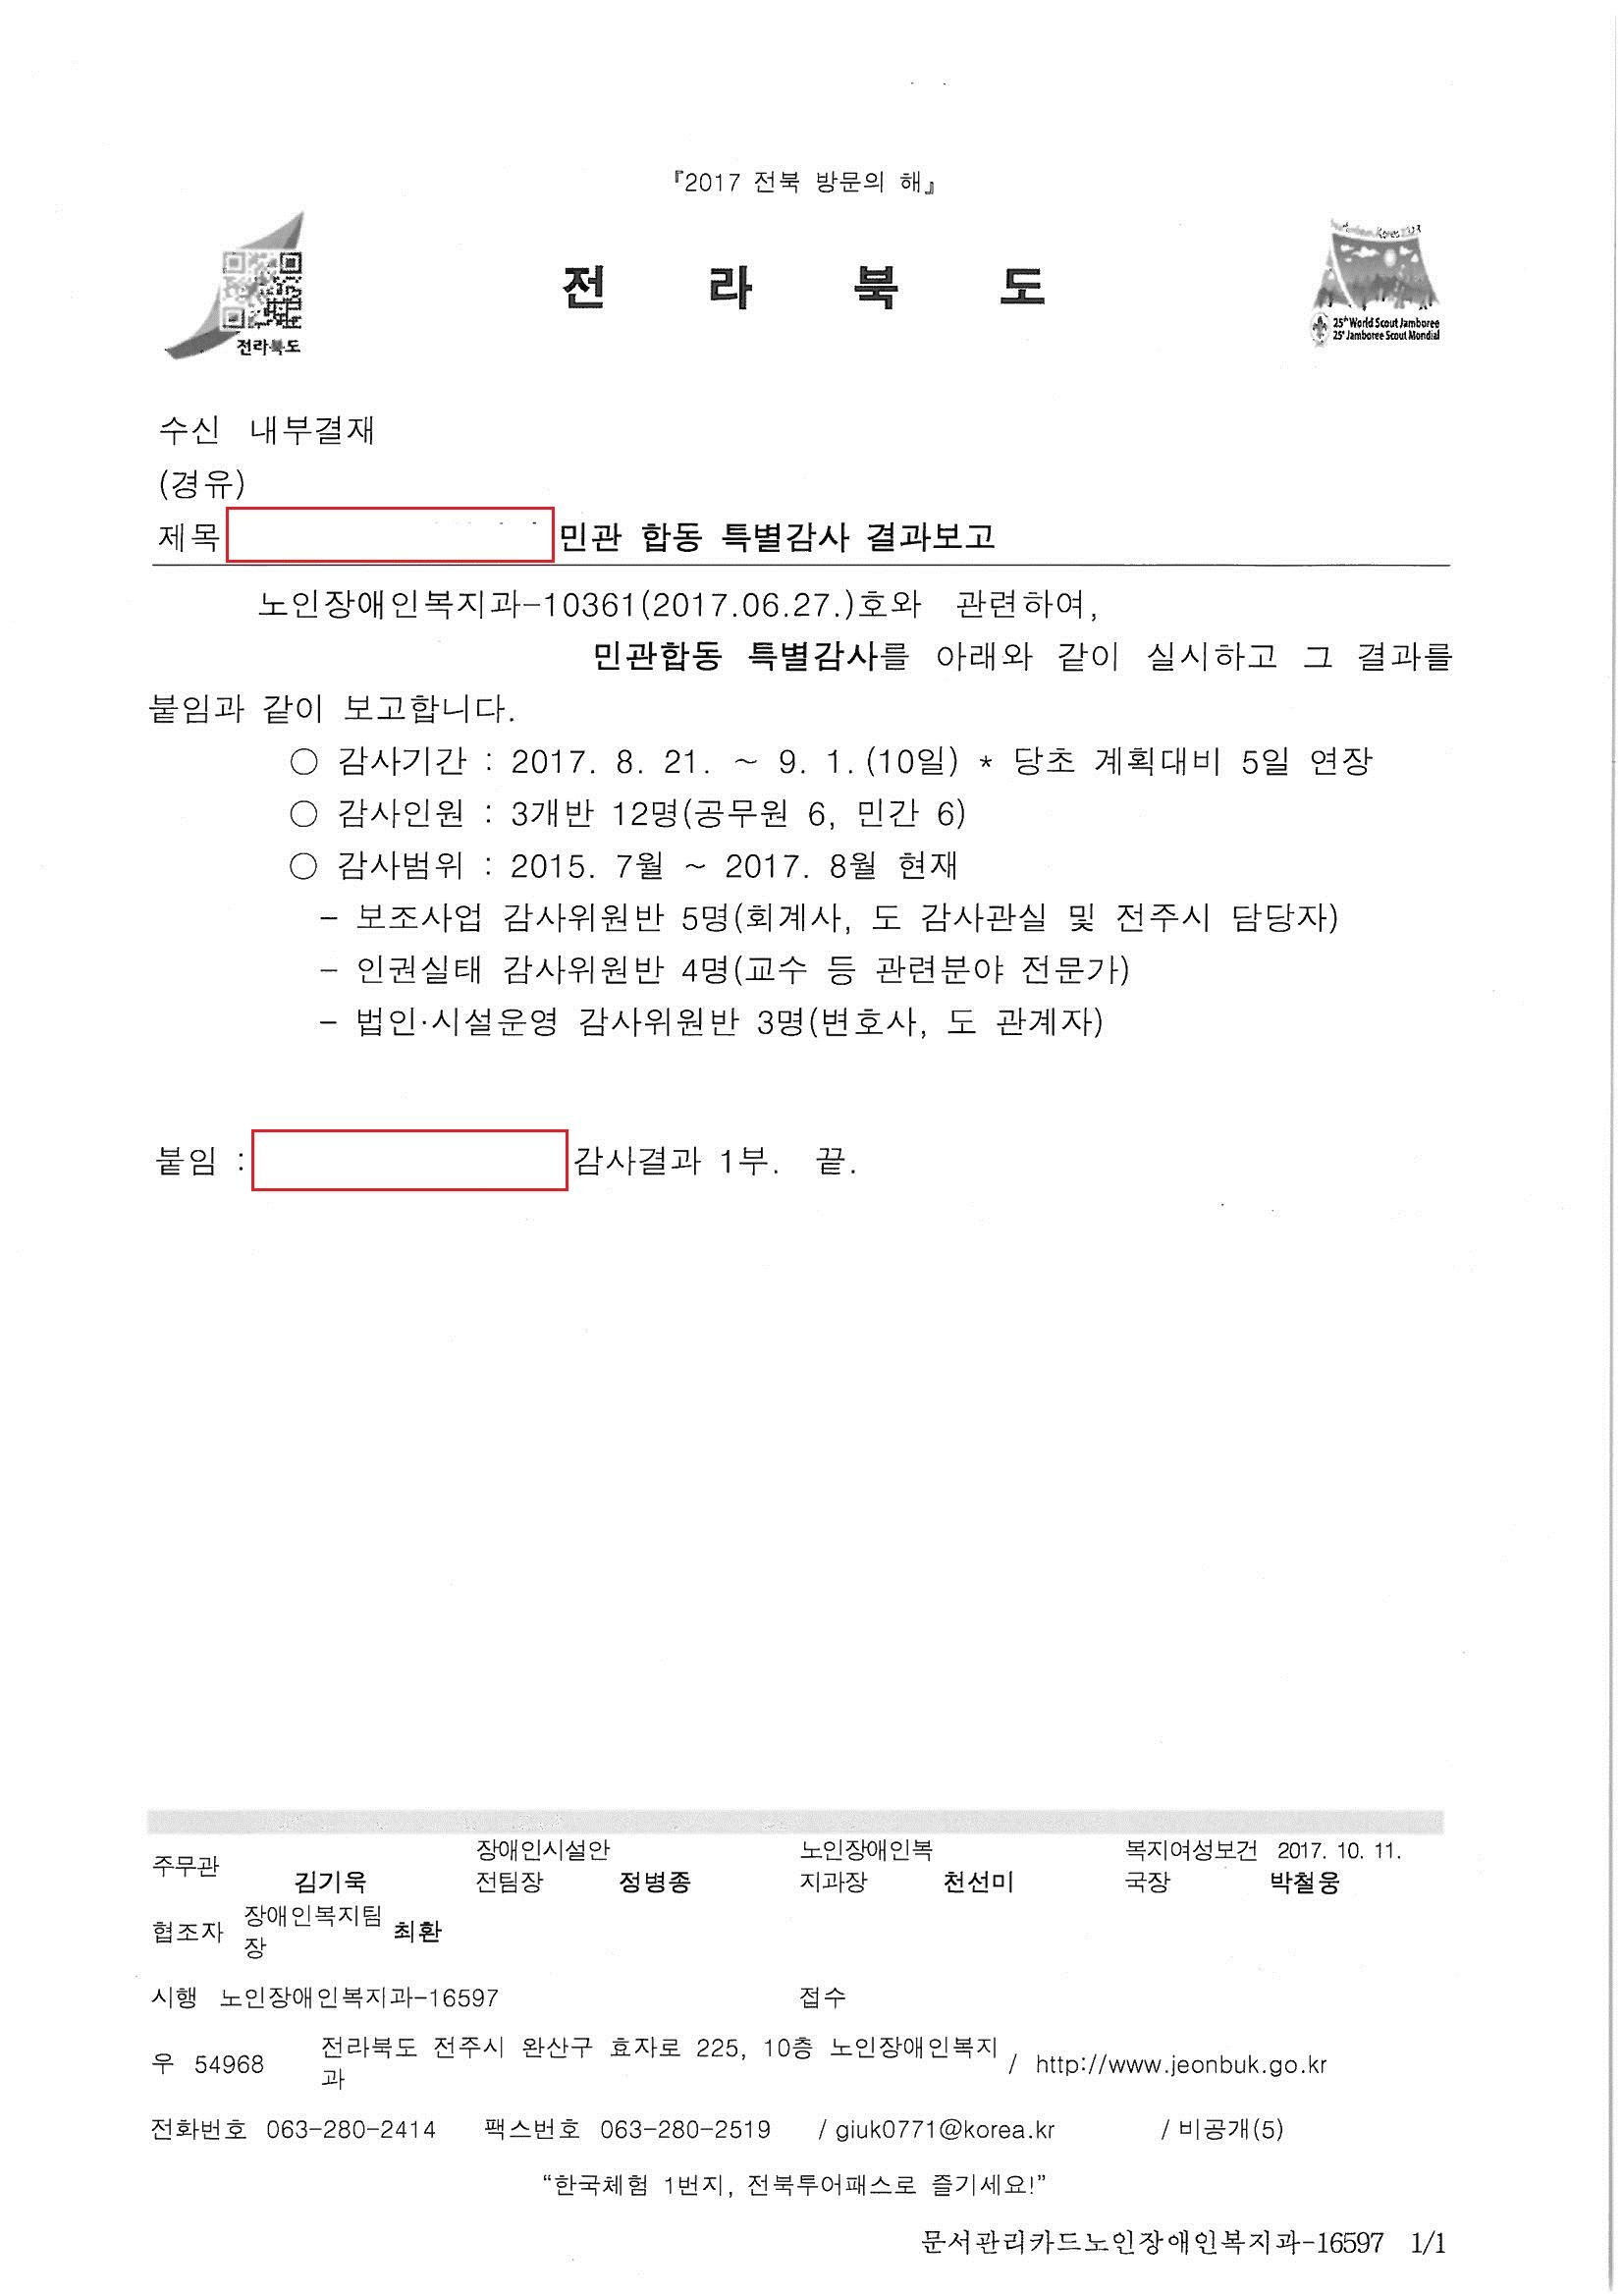 손수레자립생활협회 민관합동 특별감사 결과보고.jpg